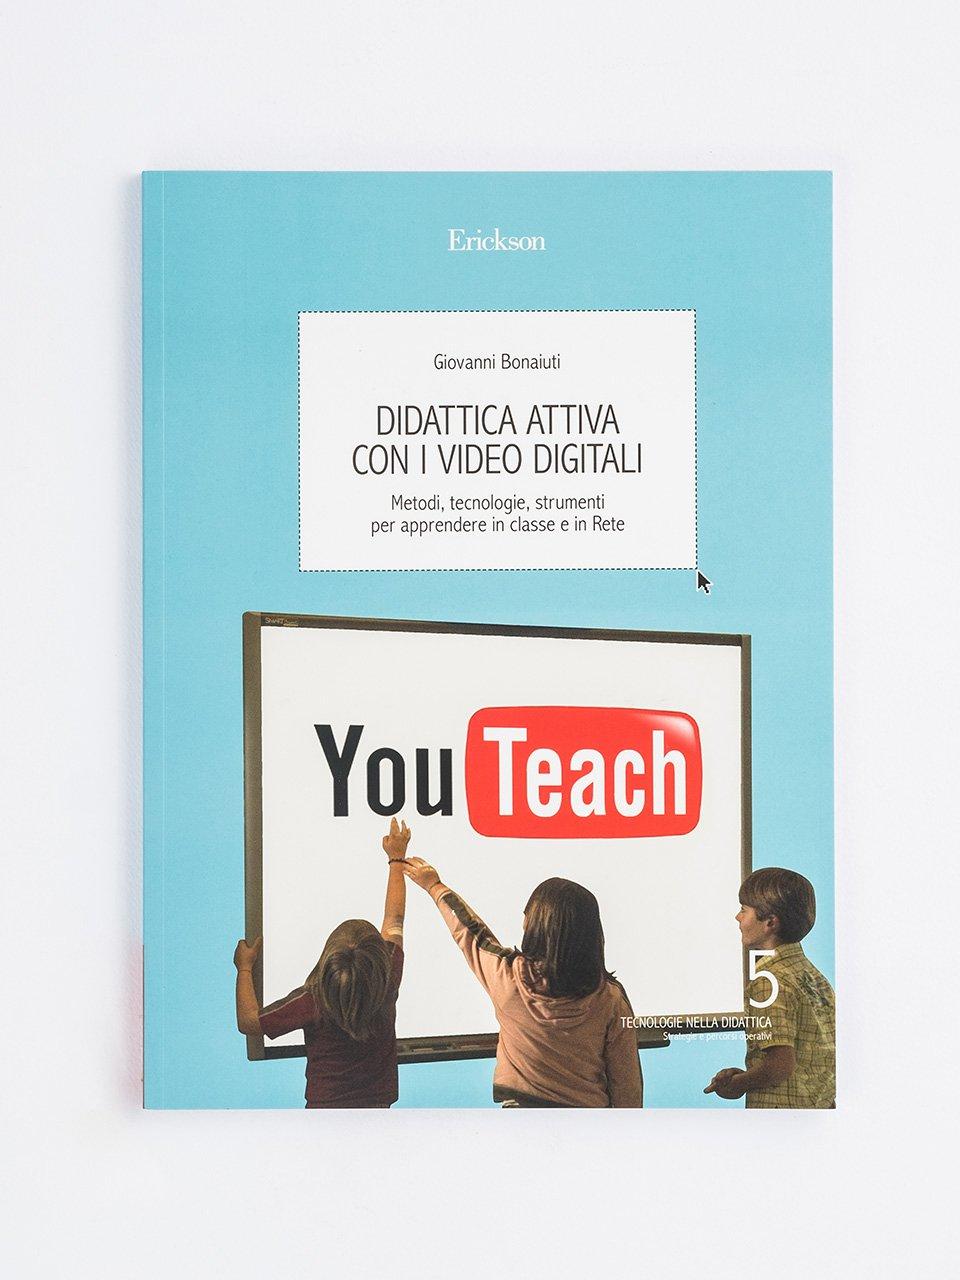 Didattica attiva con i video digitali - La caverna digitale - Libri - Erickson